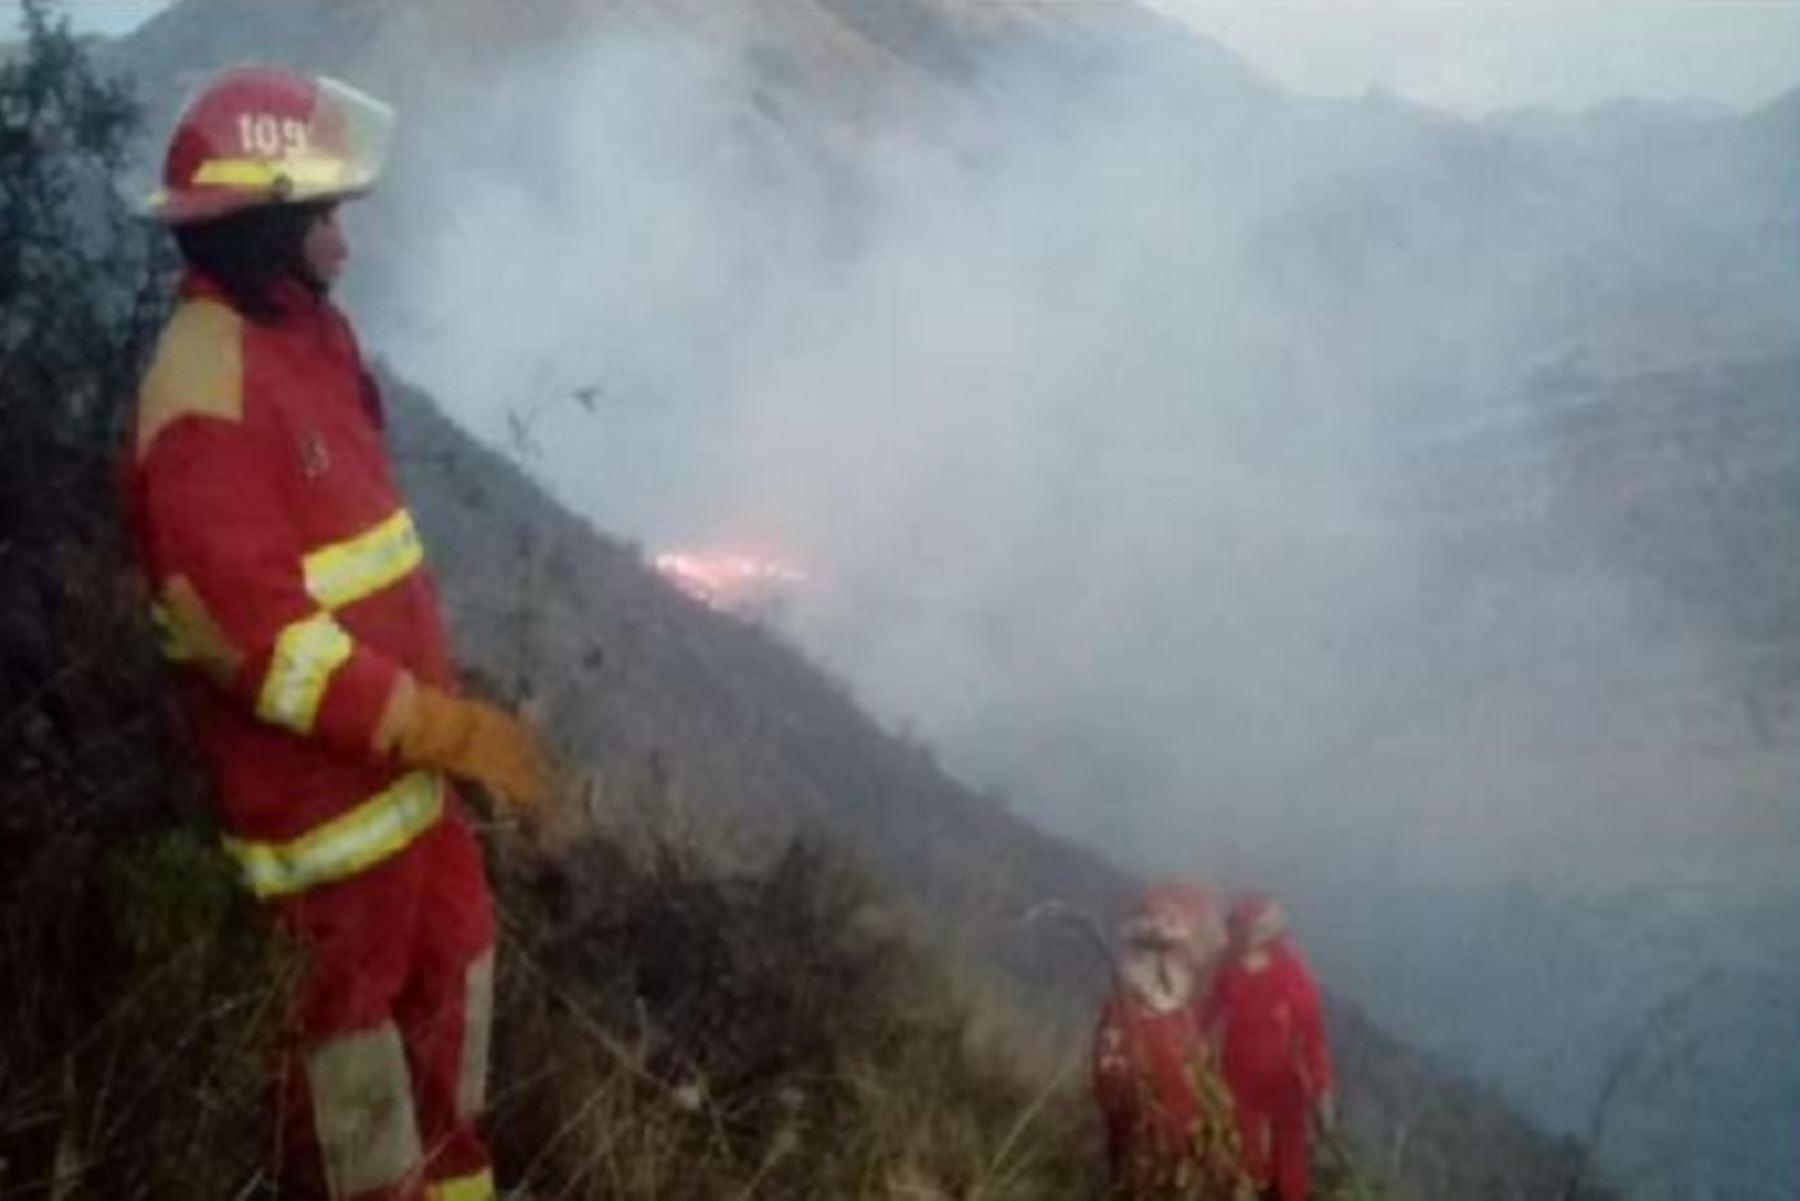 Bomberos de los distritos de Urcos, San Jerónimo y San Sebastián de la región Cusco, extinguieron en su totalidad el incendio forestal que se produjo ayer en el Parque Arqueológico de Pikillaqta, perteneciente al sector Pampa Raqchi-Rayallacta, anexo del distrito de Andahuaylillas, provincia de Quispicanchi, en la región Cusco.